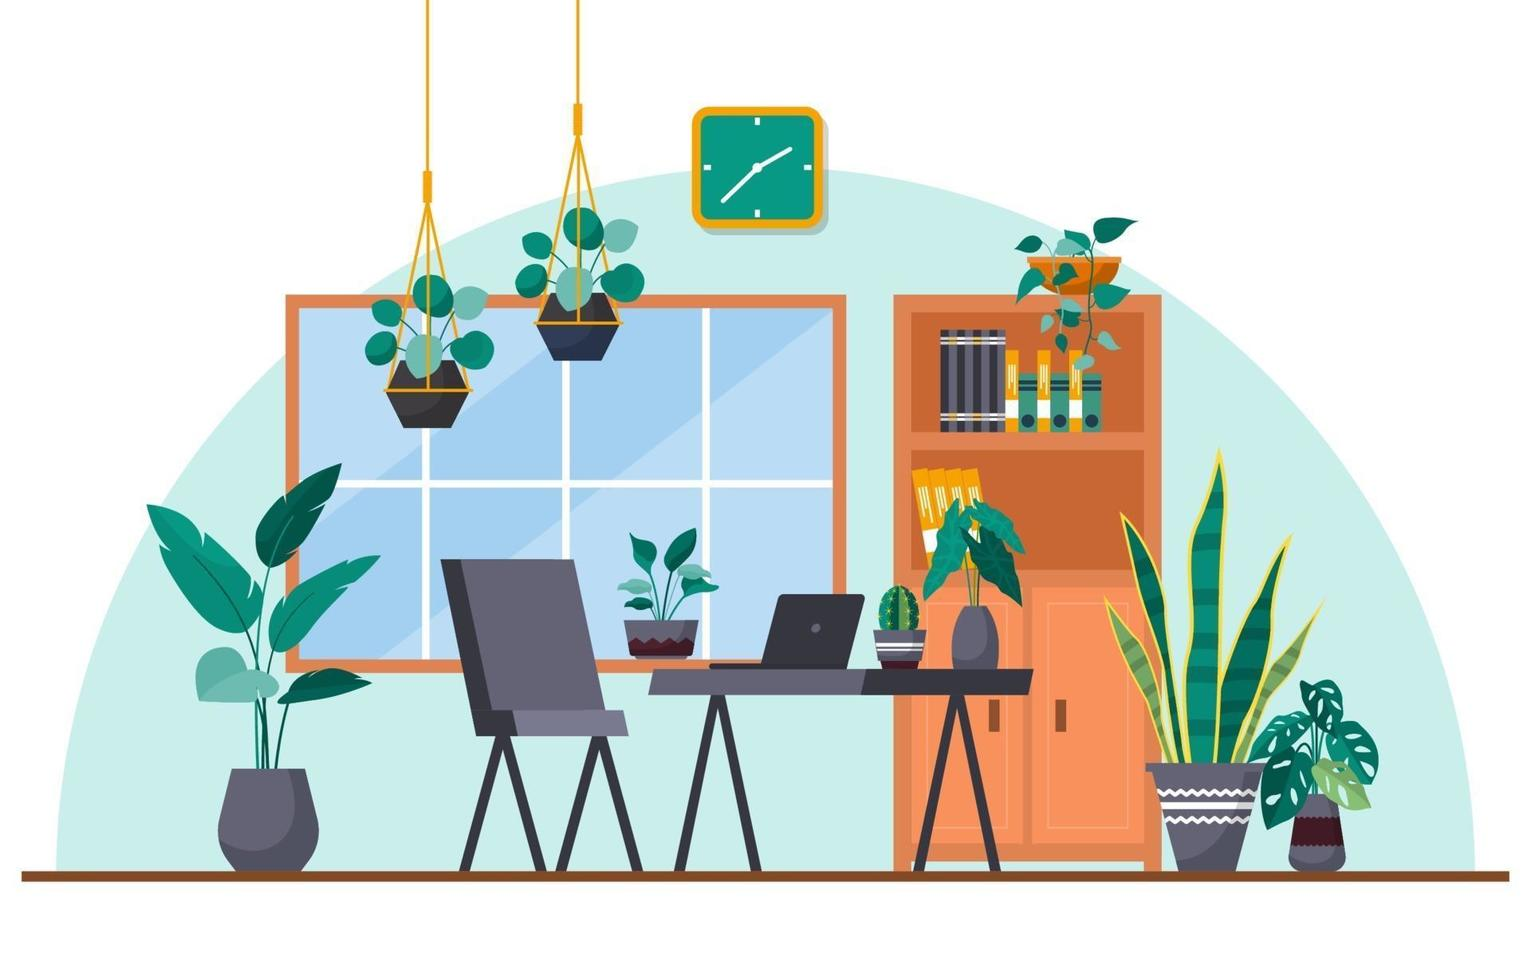 pianta decorativa verde pianta d'appartamento tropicale nell'illustrazione dell'area di lavoro dell'ufficio vettore